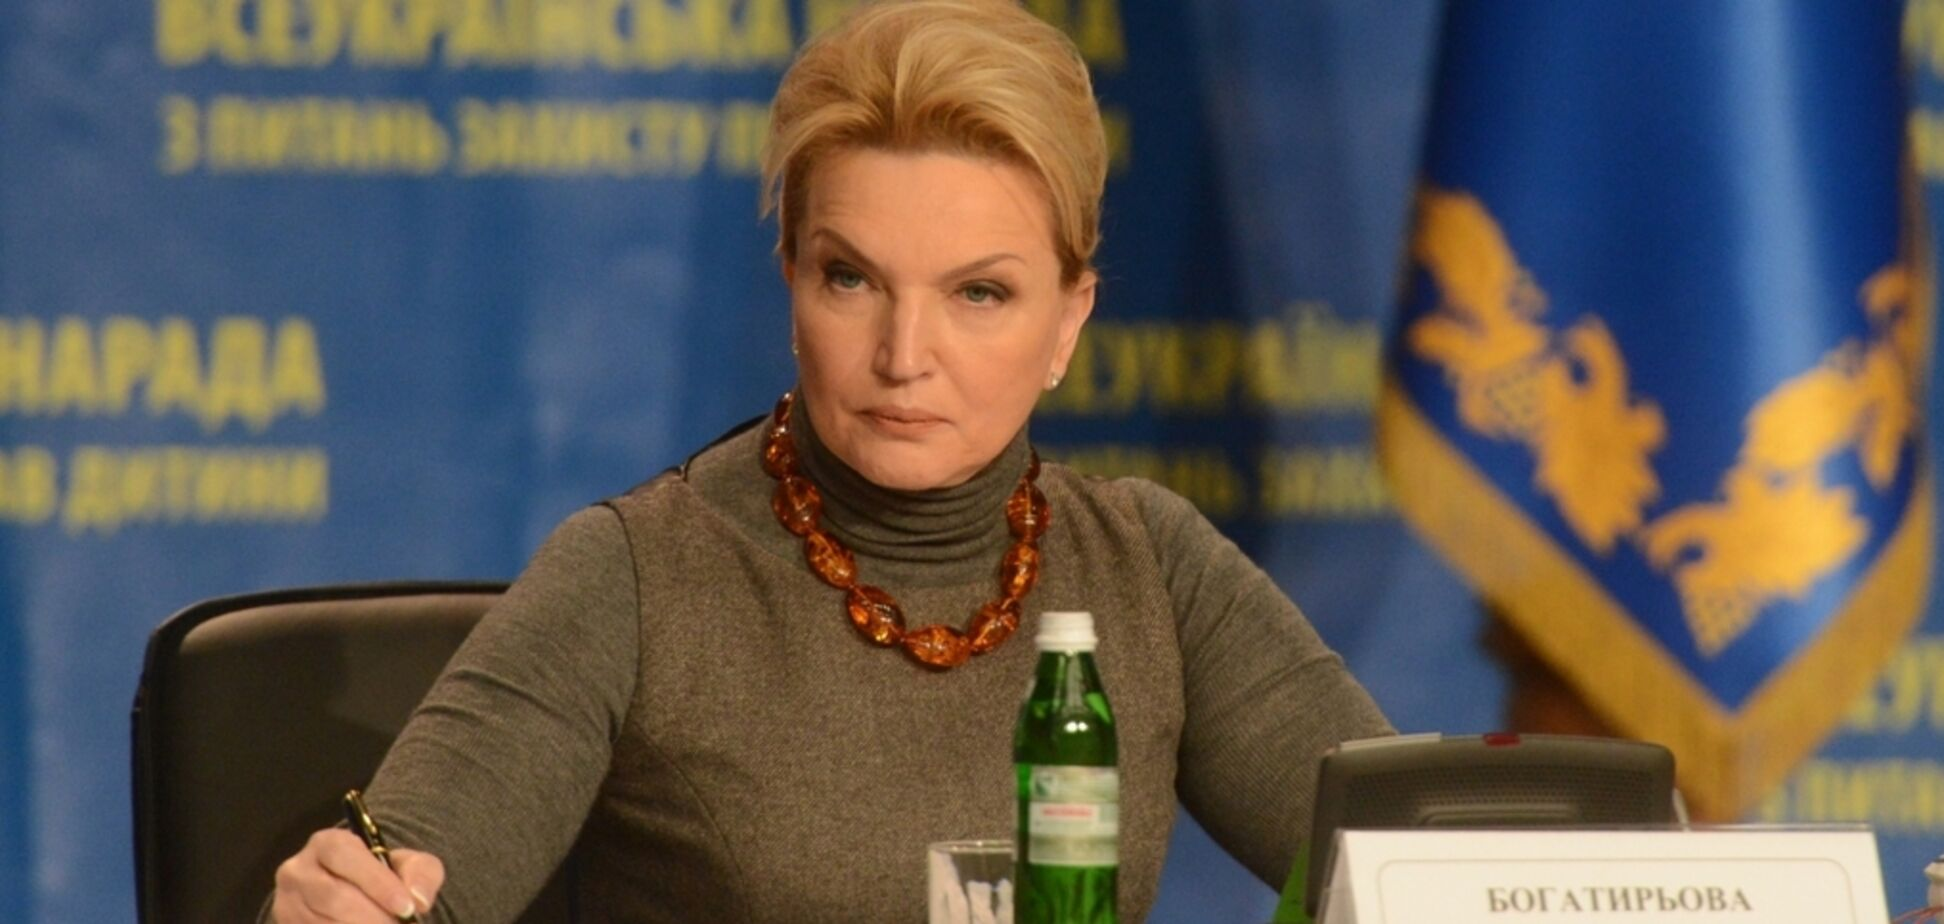 Затримання Богатирьової: Добкін розповів про 'гарантії' для ексміністра Януковича